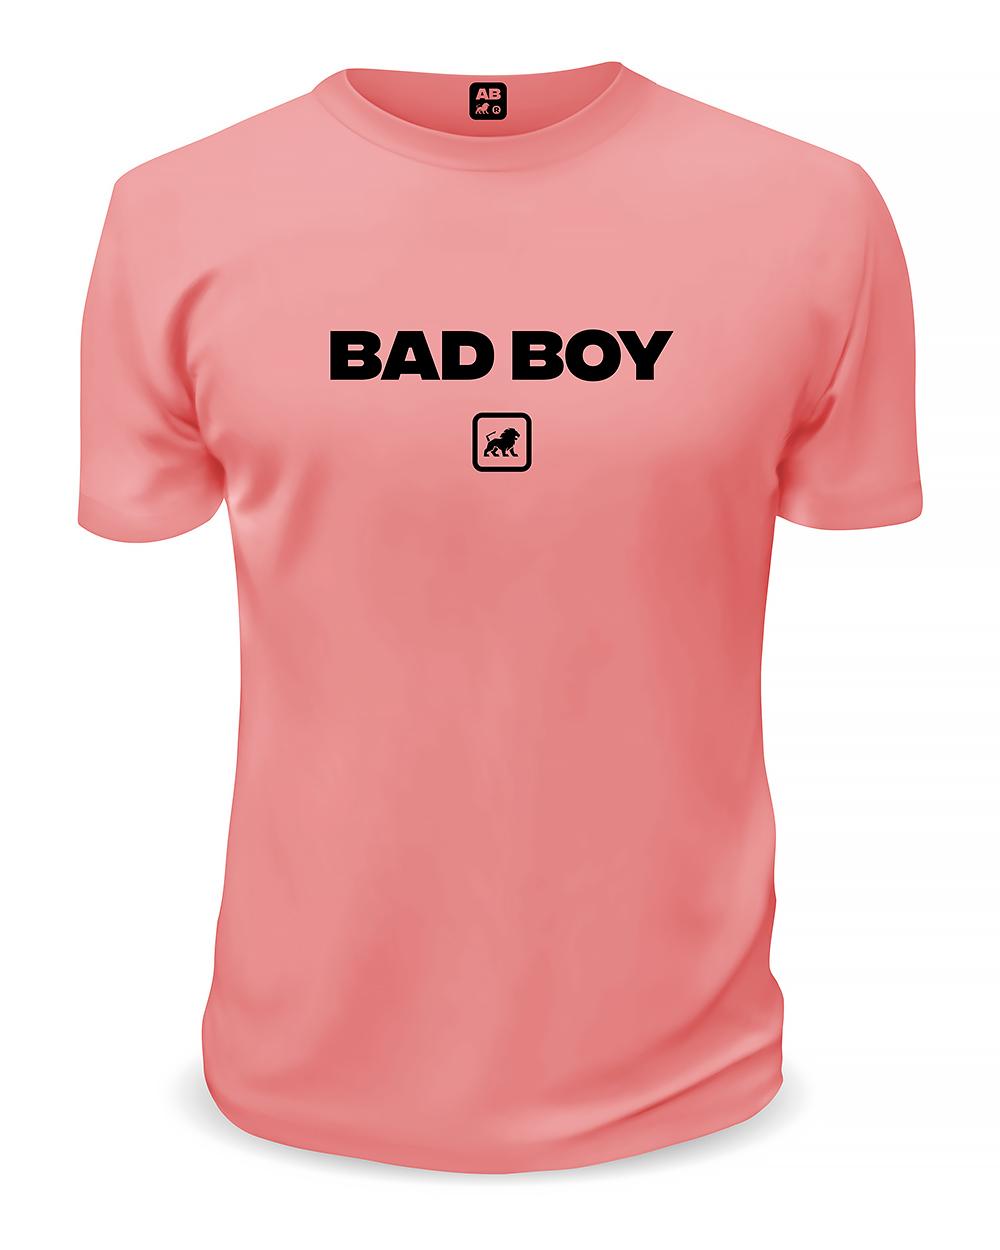 alphaboy-tshirt-badboy.jpg